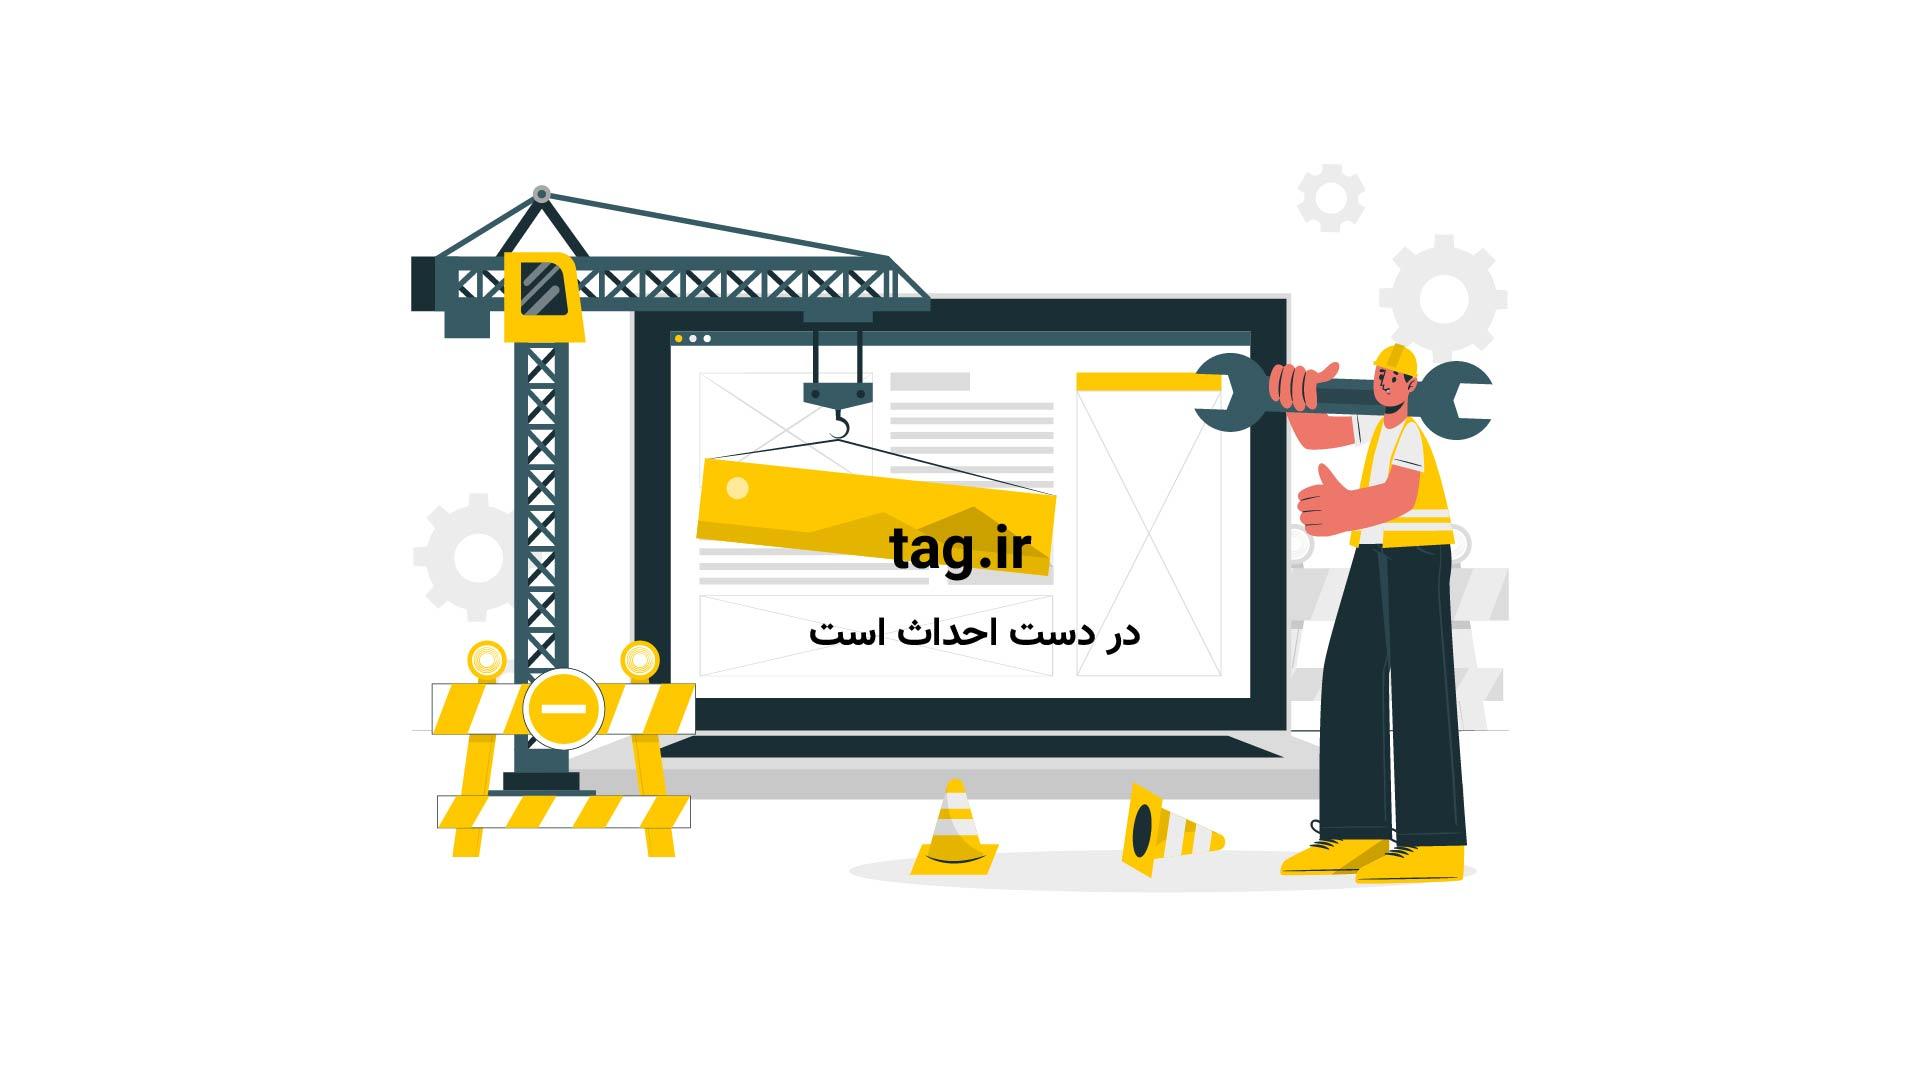 تاتنهامی ها در برابر زامبی ها به مناسبت هالووین | فیلم